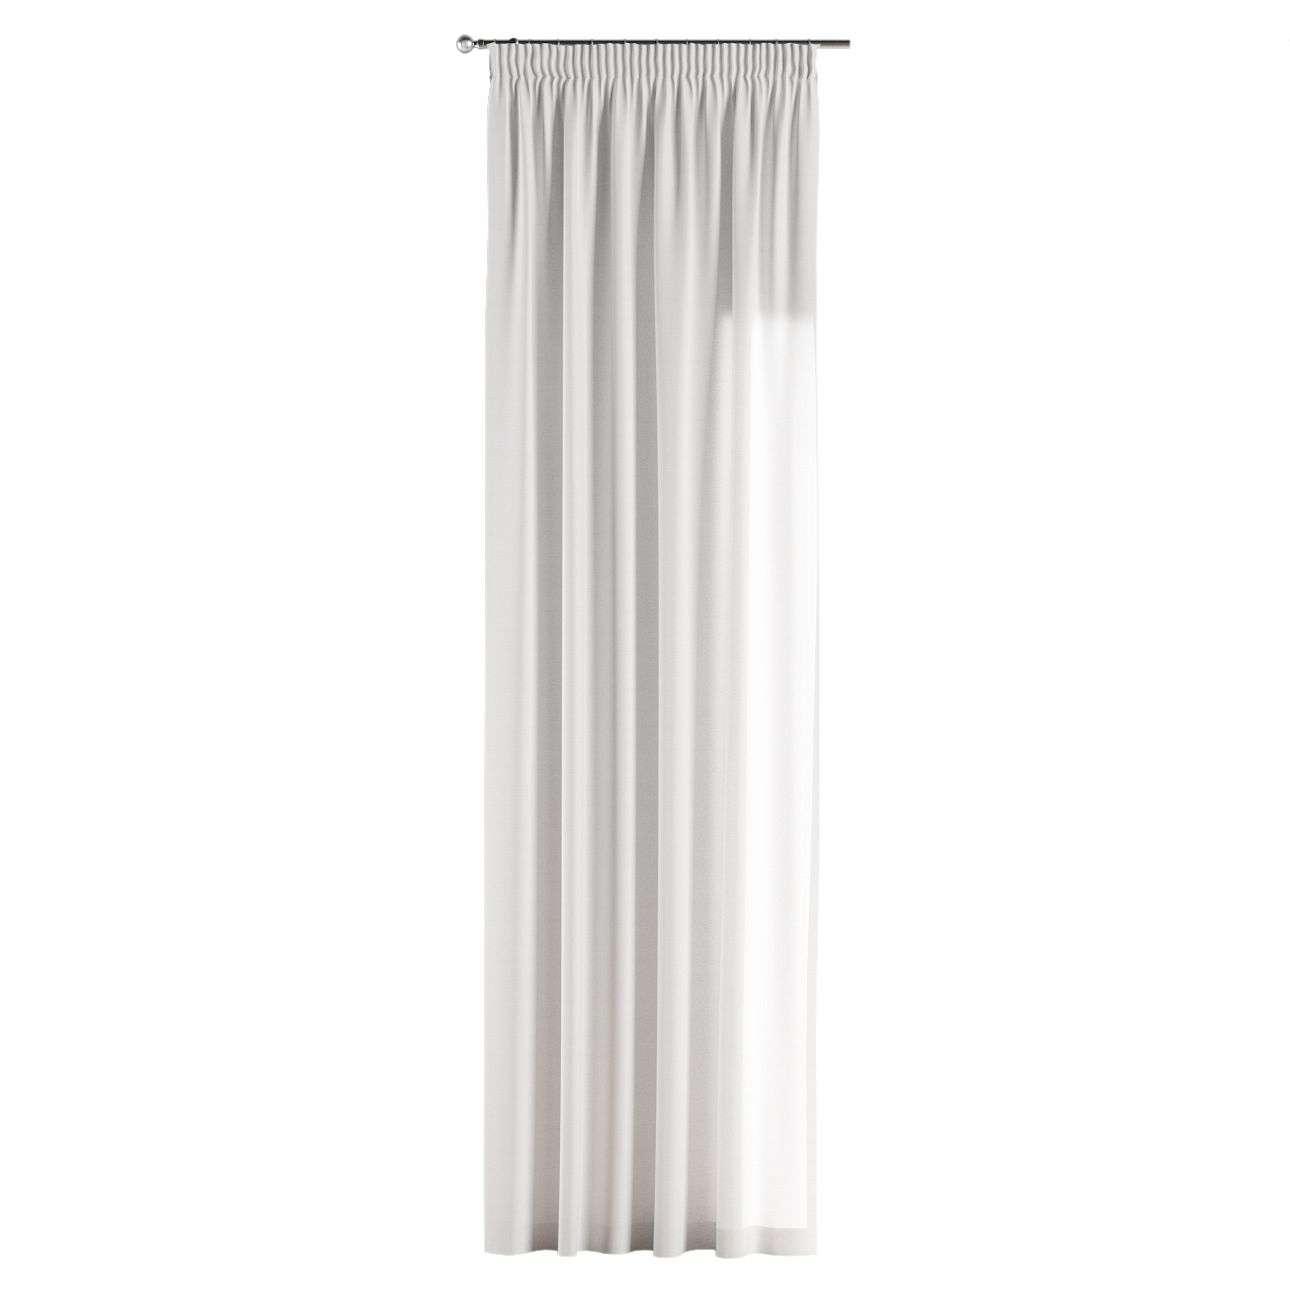 Vorhang mit Kräuselband 1 Stck. 130 x 260 cm von der Kollektion Jupiter, Stoff: 127-01